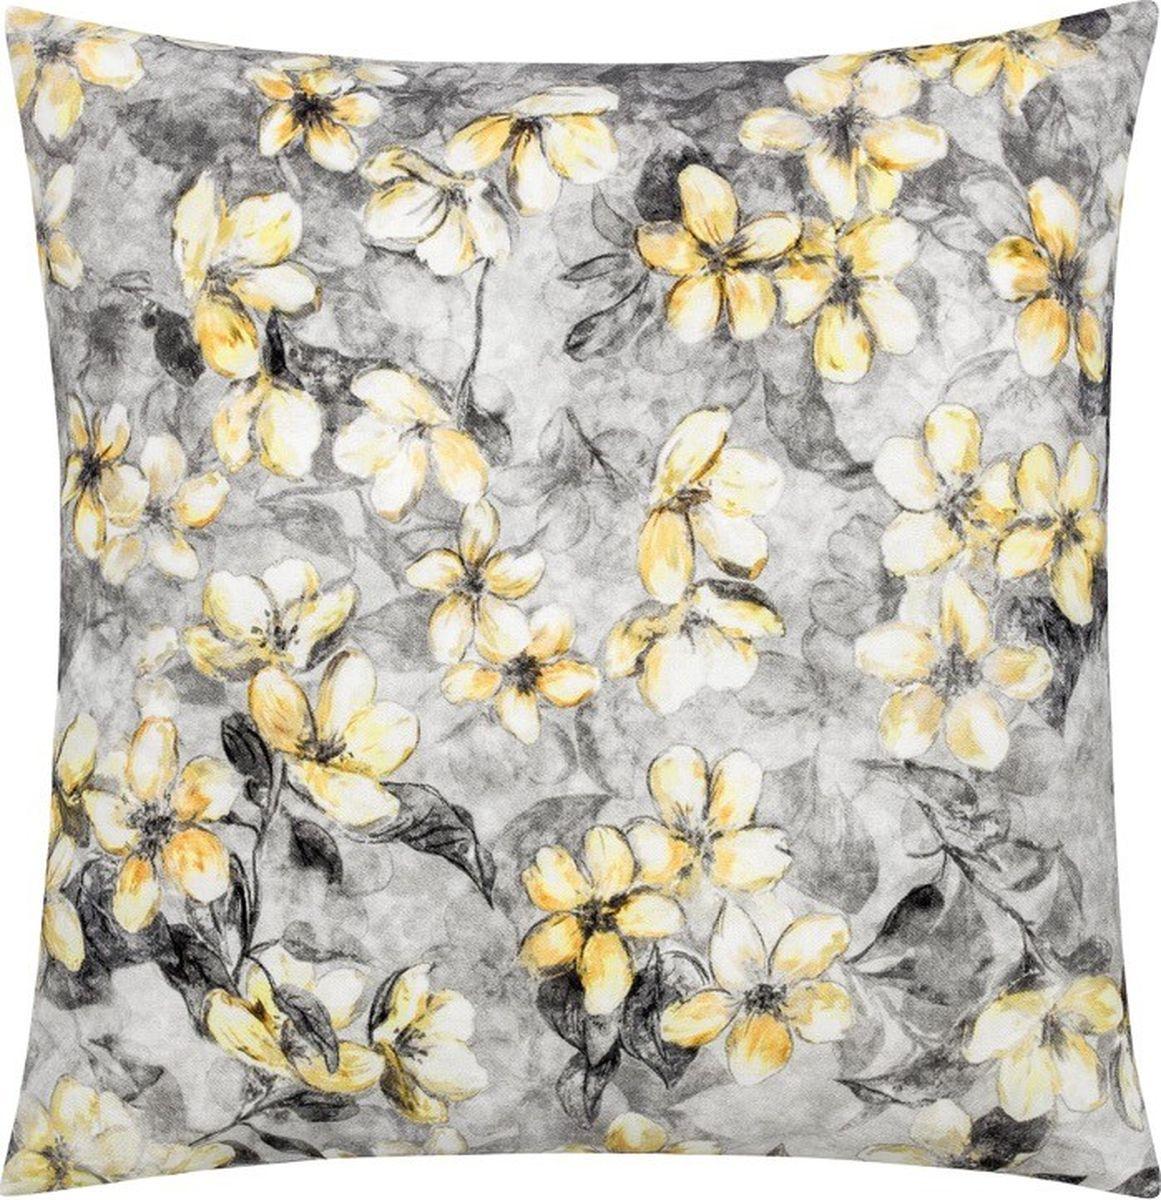 Подушка декоративная Togas Джулия, наполнитель: полиэфир, цвет: серый, желтый, 45 х 45 см подушка декоративная togas джулия наполнитель полиэфир цвет серый желтый 45 х 45 см